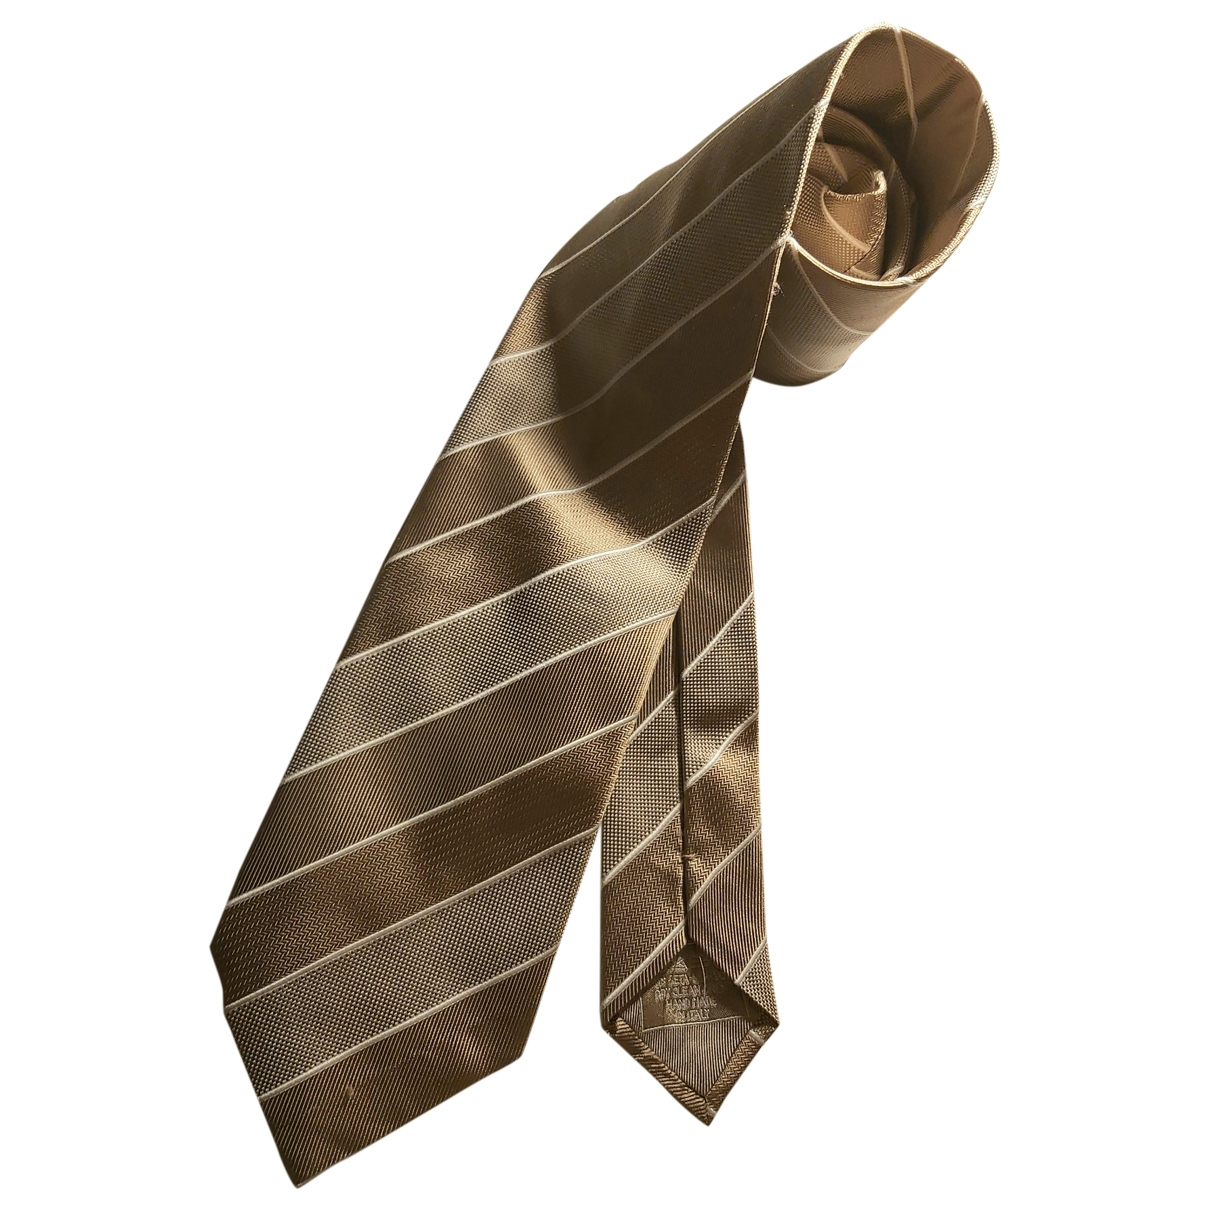 Brioni - Cravates   pour homme en soie